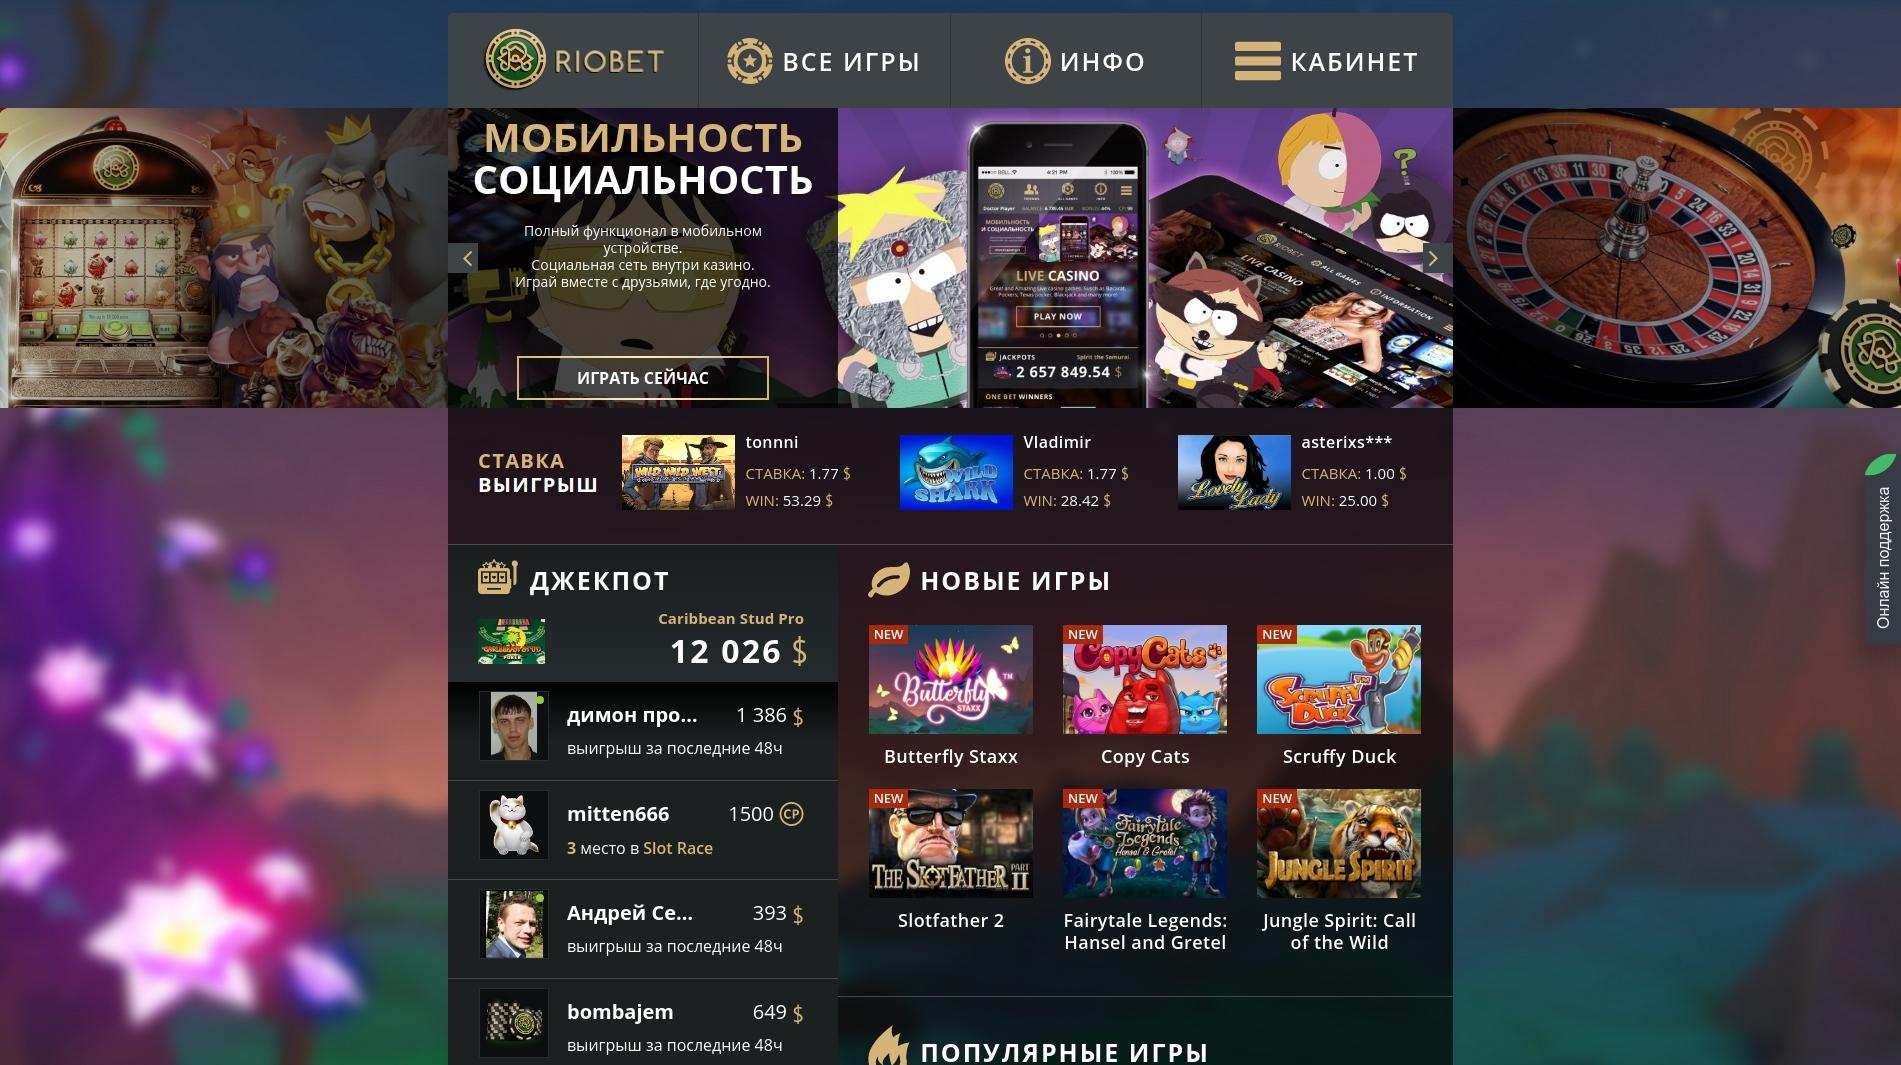 Игровые автоматы с выводом реальных денег онлайн